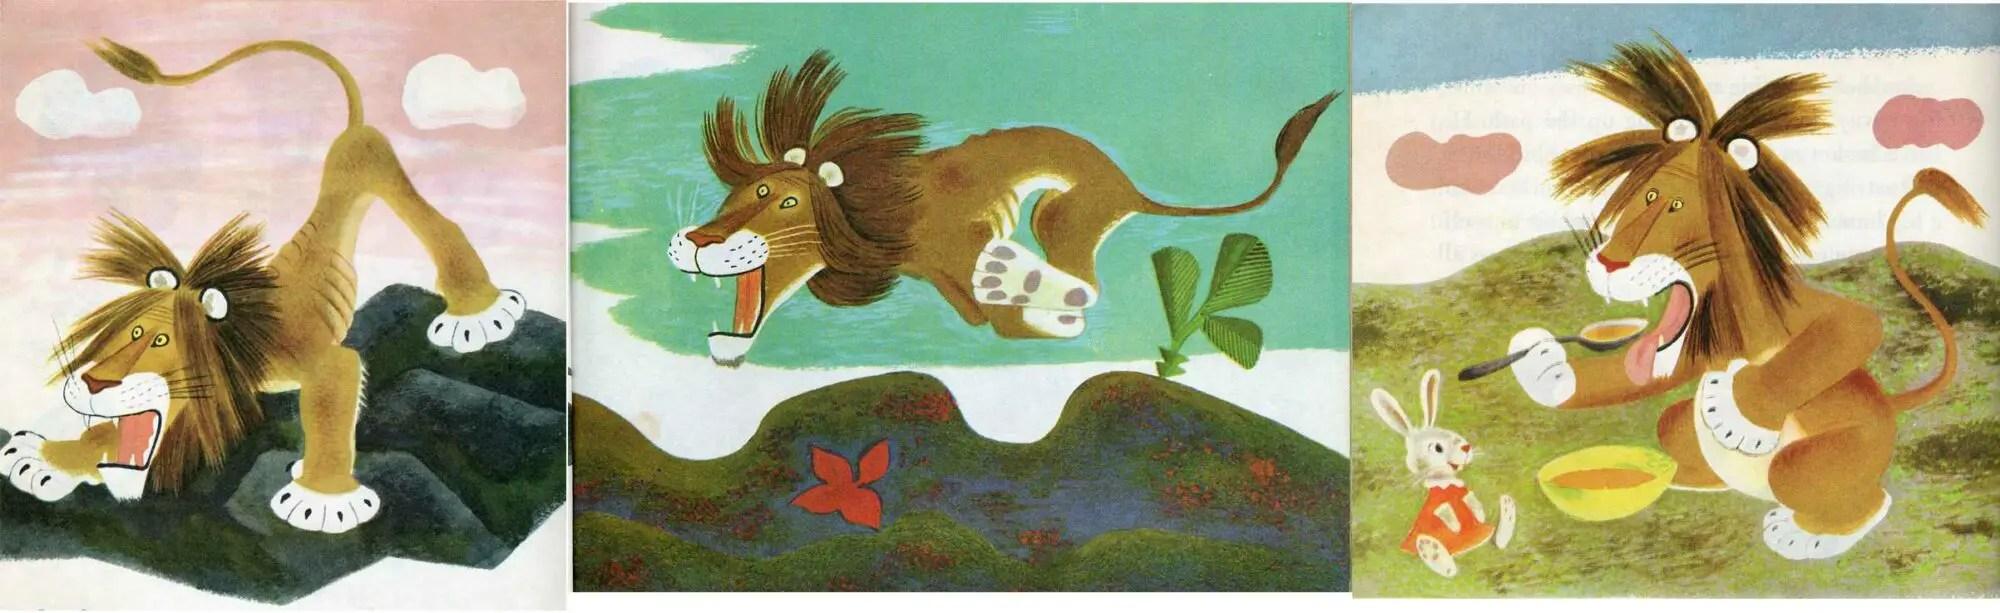 Tenggren, Gustav, Tawny Scrawny Lion by Kathryn Jackson, 1952